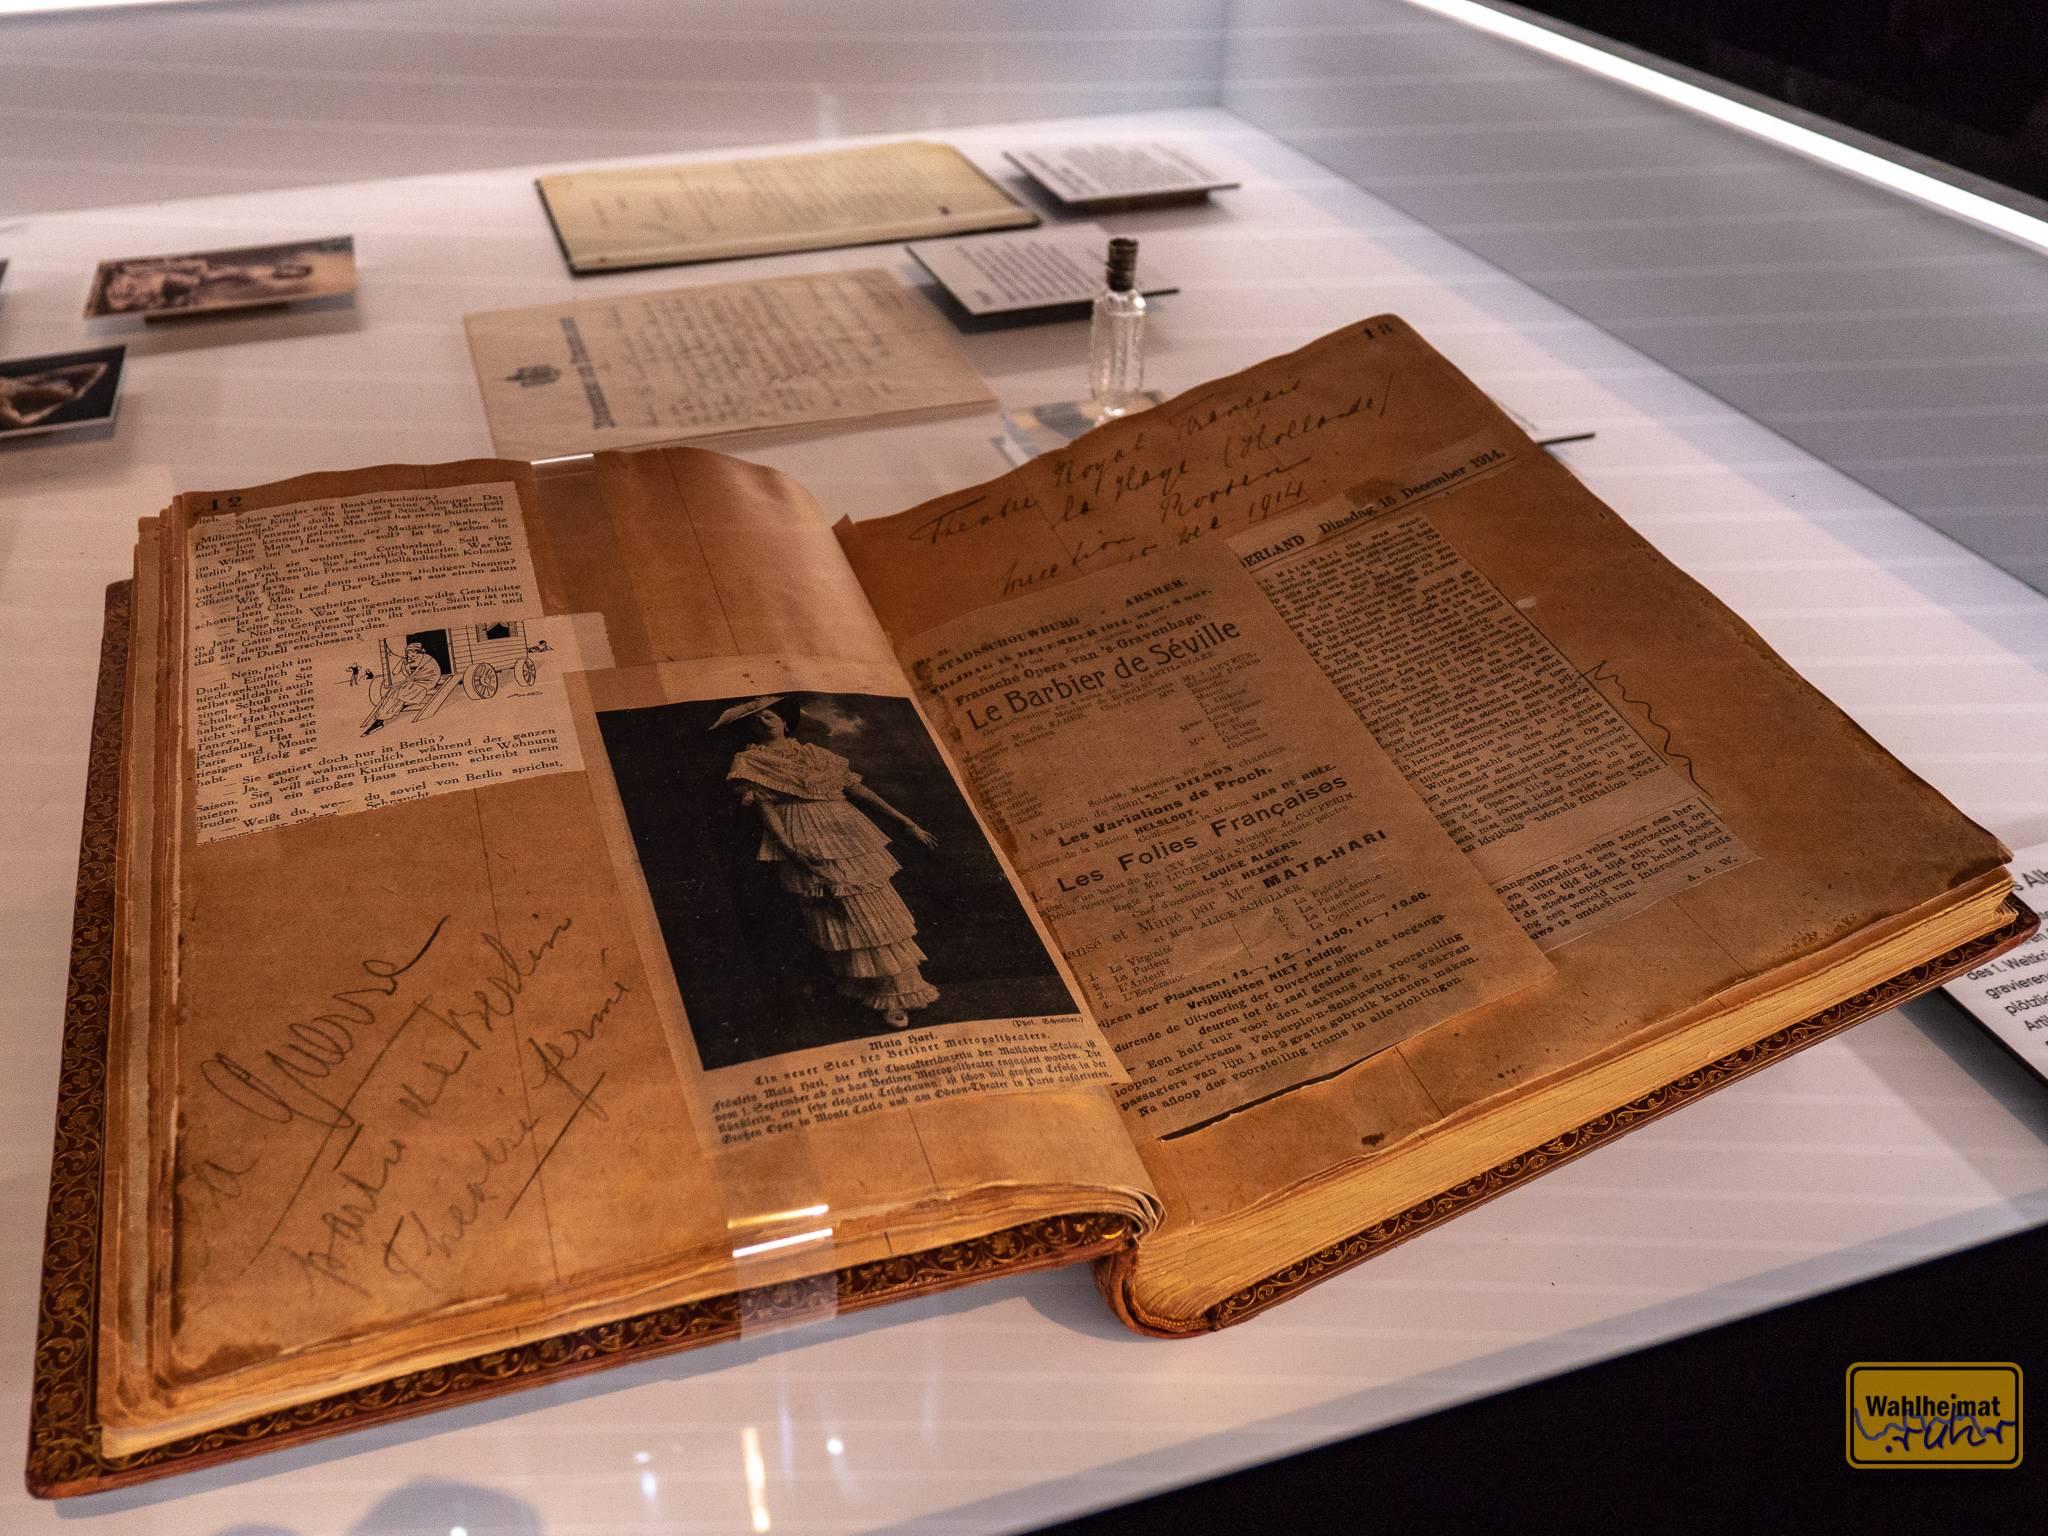 Mata Hari sammelte Berichte über sich selbst.